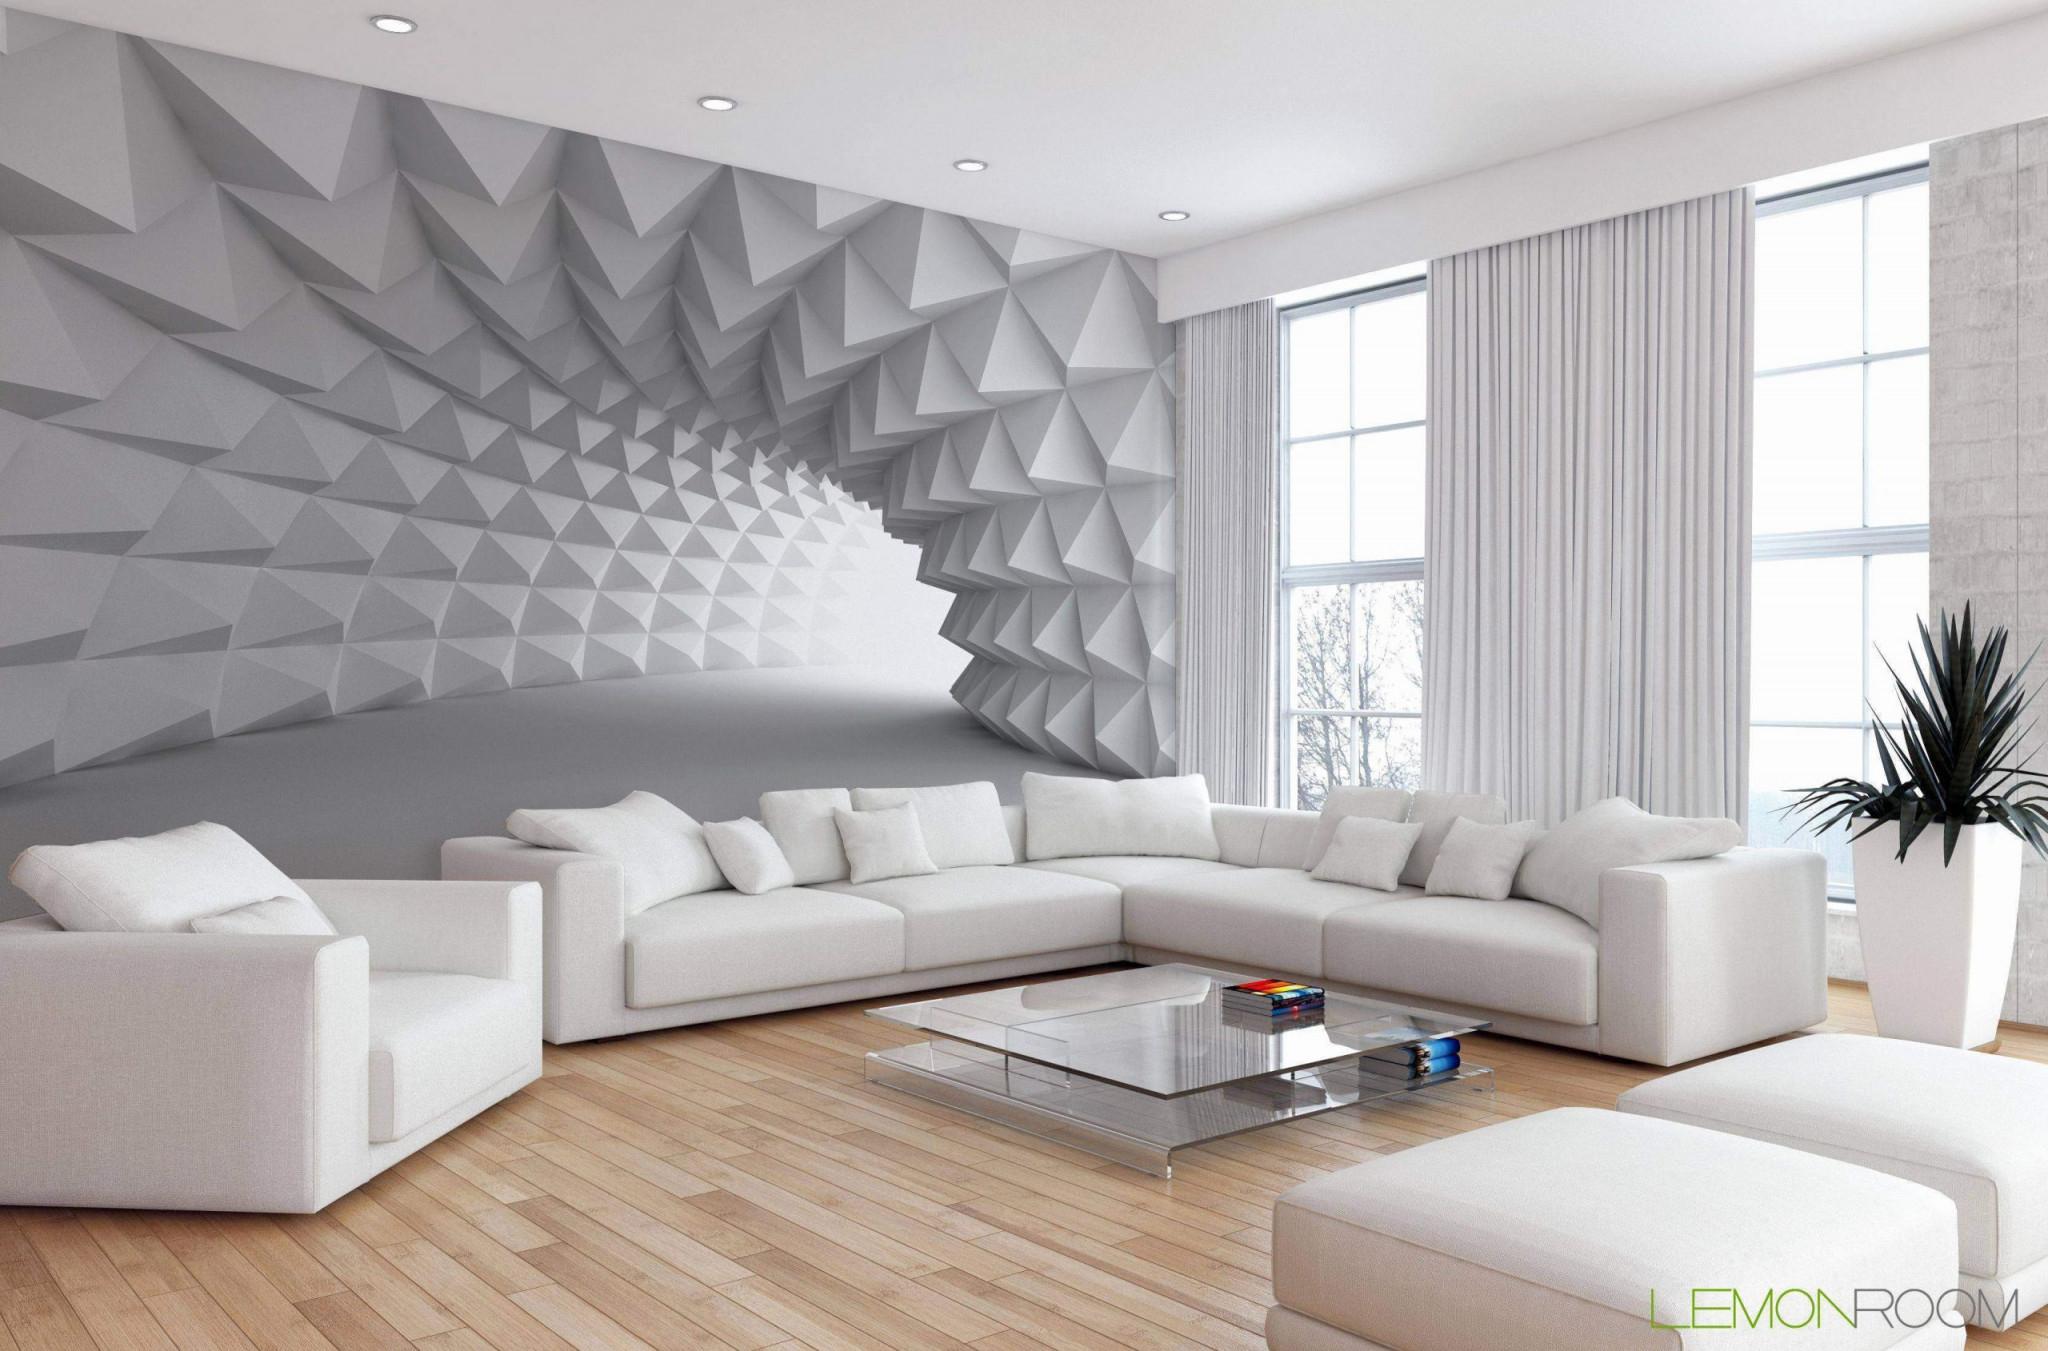 Wohnzimmer Tapezieren Ideen Luxus Tapete Wohnzimmer Ideen von Tapezieren Wohnzimmer Ideen Photo